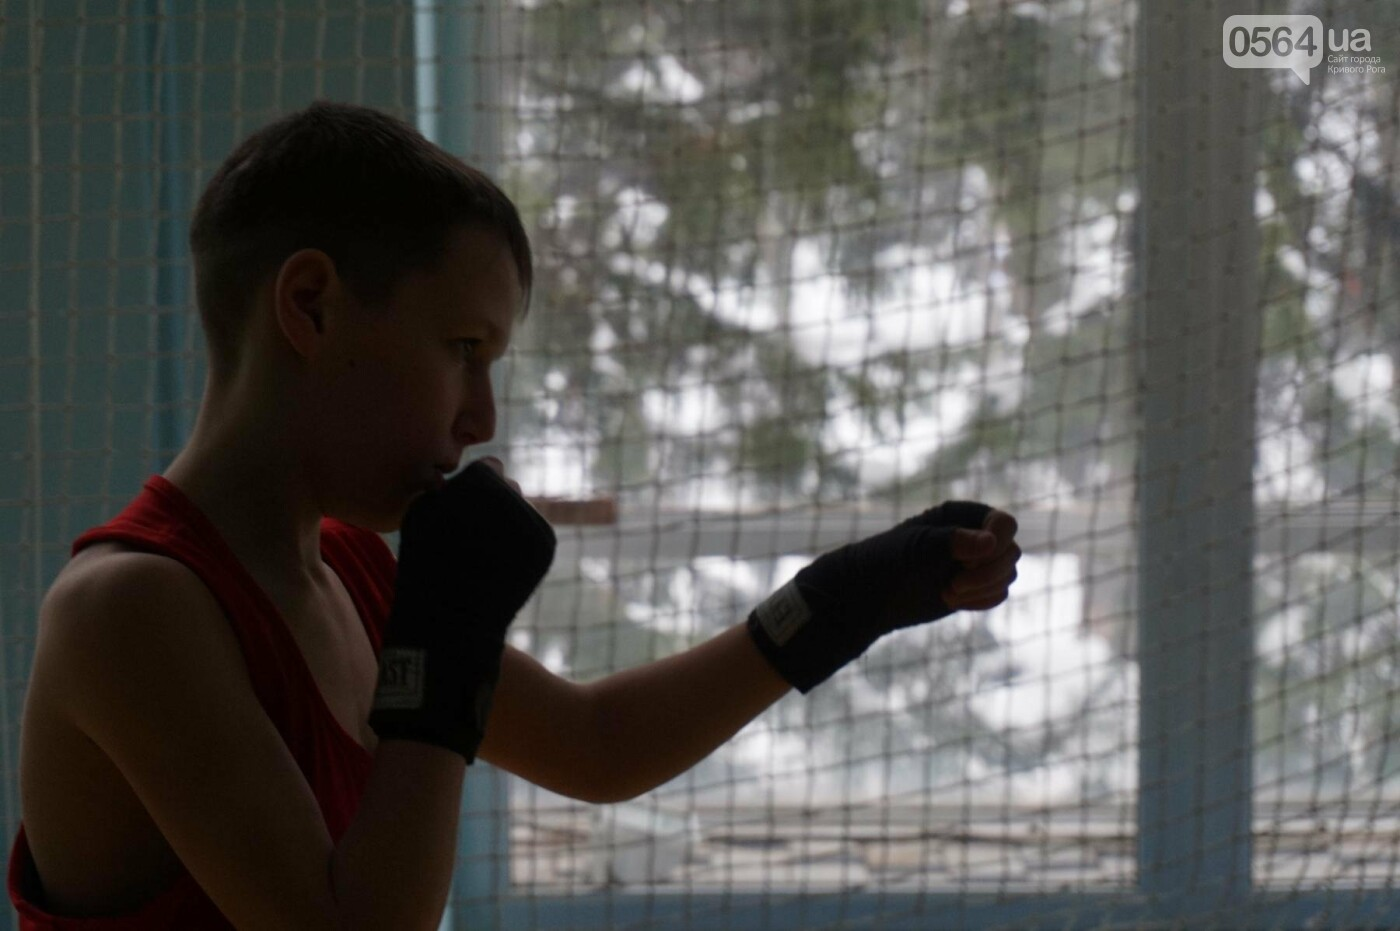 В Кривом Роге состоялся Международный турнир по боксу (ФОТО, ВИДЕО), фото-13